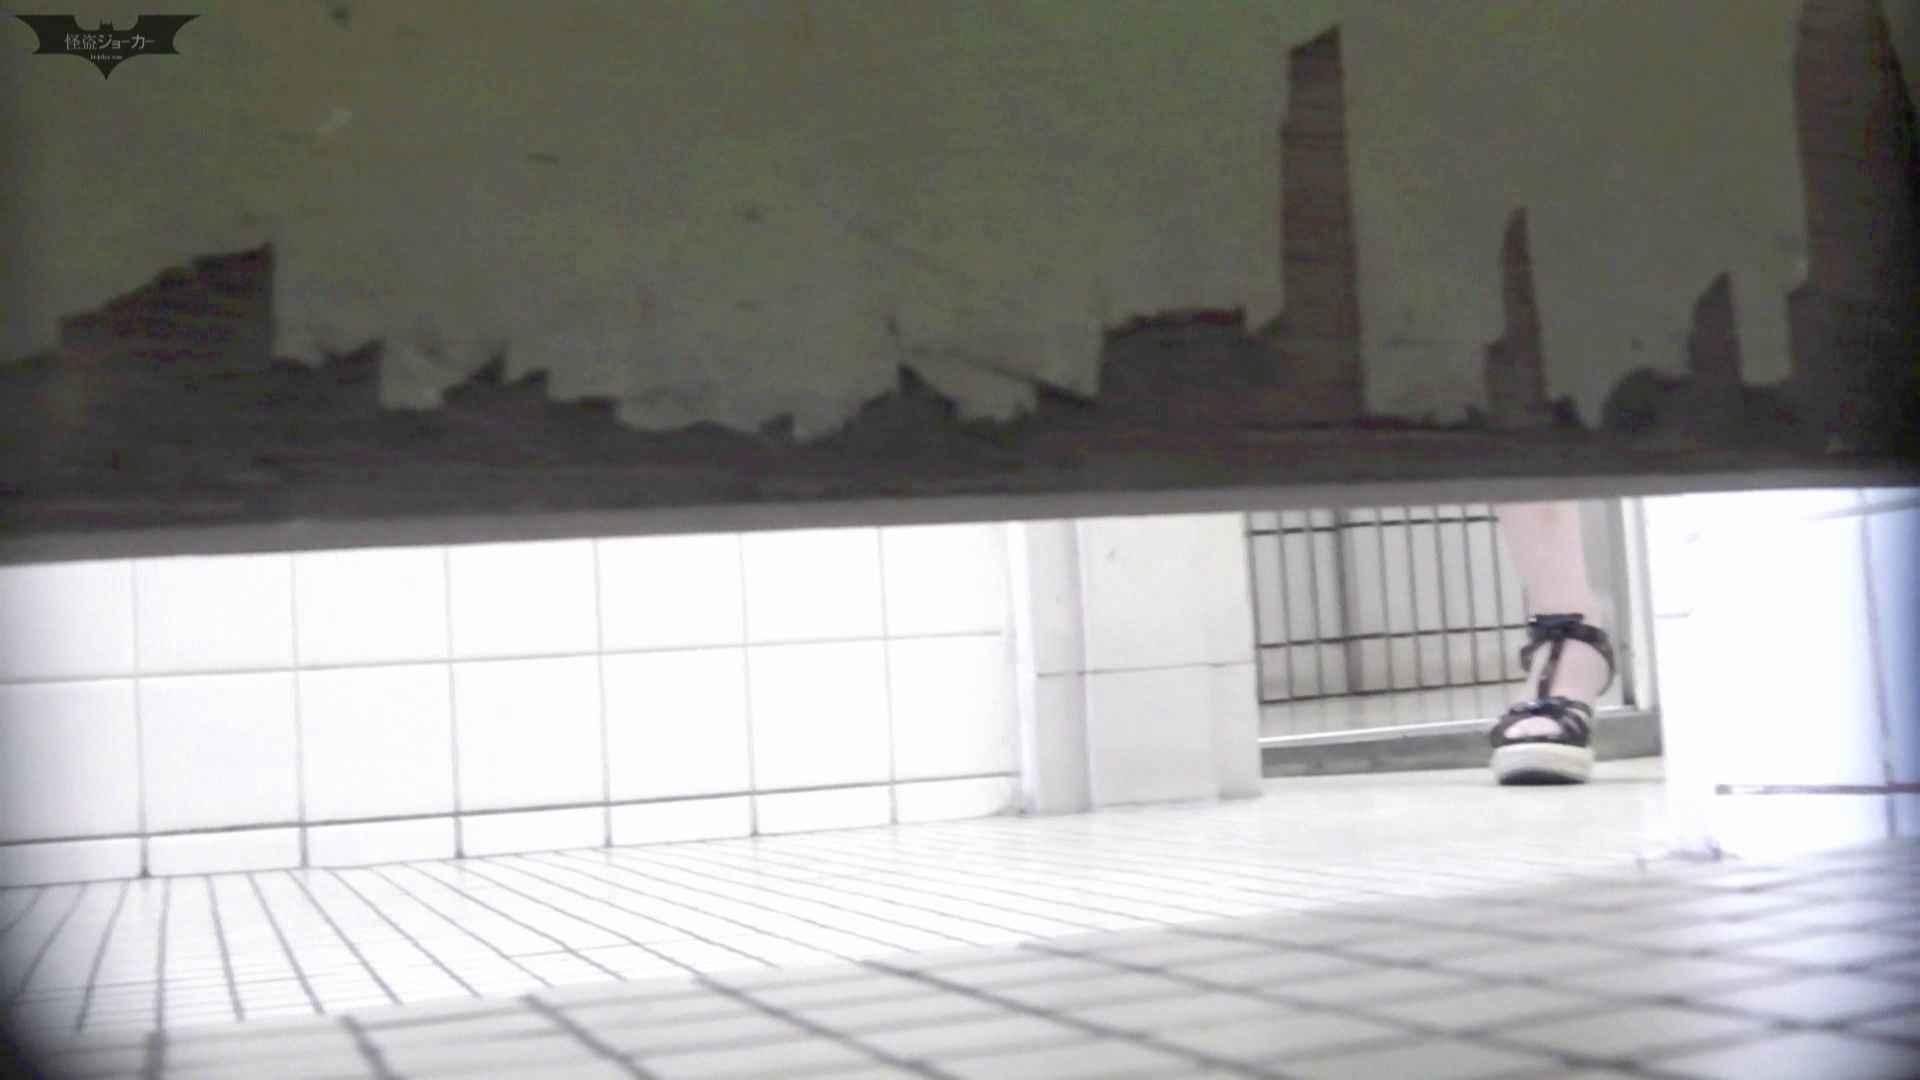 【潜入トイレ盗撮】洗面所特攻隊 vol.70 極上品の連続、歌いながら美女入室 盗撮エロすぎ | トイレ中  90連発 12